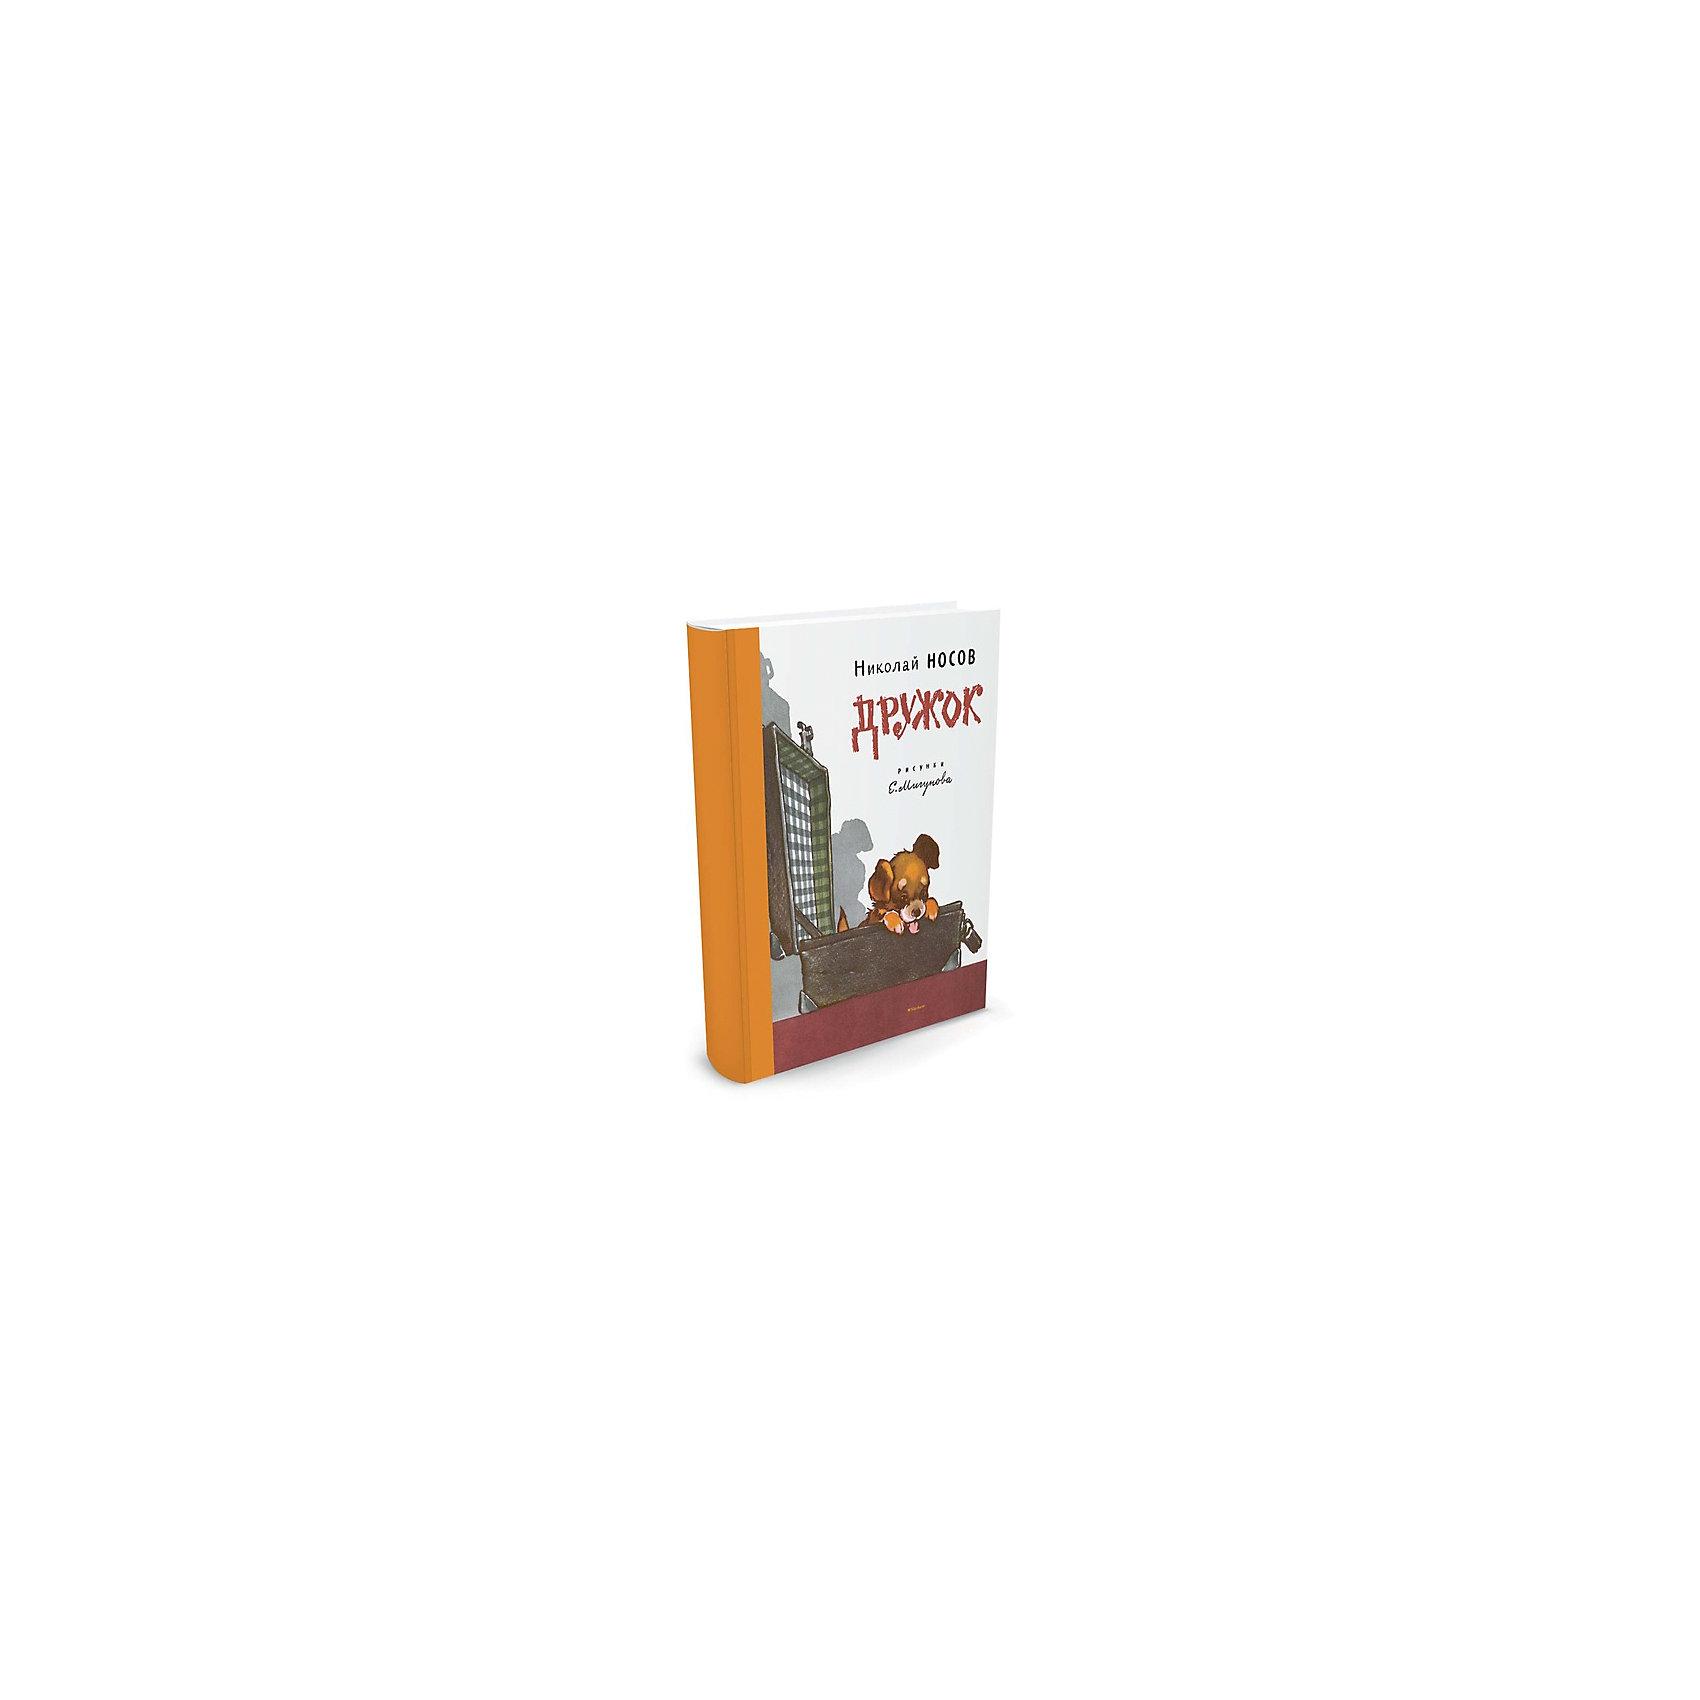 Сказка Дружок, Н. Носов, MACHAONРусские сказки<br>Сказка Дружок.<br><br>Характеристики:<br><br>• Для детей в возрасте: от 7 до 10 лет<br>• Автор: Н. Носов<br>• Иллюстратор: Е. Мигунов<br>• Издательство: Азбука-Аттикус, Махаон, 2016 год<br>• Тип обложки: 7Б - твердая (плотная бумага или картон)<br>• Оформление: с тканевым корешком<br>• Иллюстрации: цветные<br>• Количество страниц: 32<br>• Размер: 262х203х7 мм.<br>• Вес: 308 гр.<br>• ISBN: 9785389111196<br><br>Имя Николая Носова - знаменитого писателя, классика детской литературы - известно в нашей стране всем от мала до велика. Уже несколько поколений детей с удовольствием читают его смешные и поучительные рассказы и повести, а став взрослыми, с таким же удовольствием перечитывают их со своими детьми и внуками. Сегодня просто невозможно представить себе семью, в которой не было бы книг Николая Носова – непревзойденного выдумщика и фантазера, одного из самых любимых детских писателей. Автор иллюстраций в этой книге мастер высочайшего уровня – Евгений Мигунов. Евгений Мигунов начинал он как художник-мультипликатор, потом стал режиссёром, создавая на экране яркие, запоминающиеся образы, а позже работал в книжной графике. Произведения Николая Носова с иллюстрациями Евгения Мигунова — классический пример гармоничного сочетания высочайшего мастерства писателя и художника.<br><br>Книгу Сказка Дружок можно купить в нашем интернет-магазине.<br><br>Ширина мм: 262<br>Глубина мм: 203<br>Высота мм: 70<br>Вес г: 308<br>Возраст от месяцев: 84<br>Возраст до месяцев: 120<br>Пол: Унисекс<br>Возраст: Детский<br>SKU: 5493441